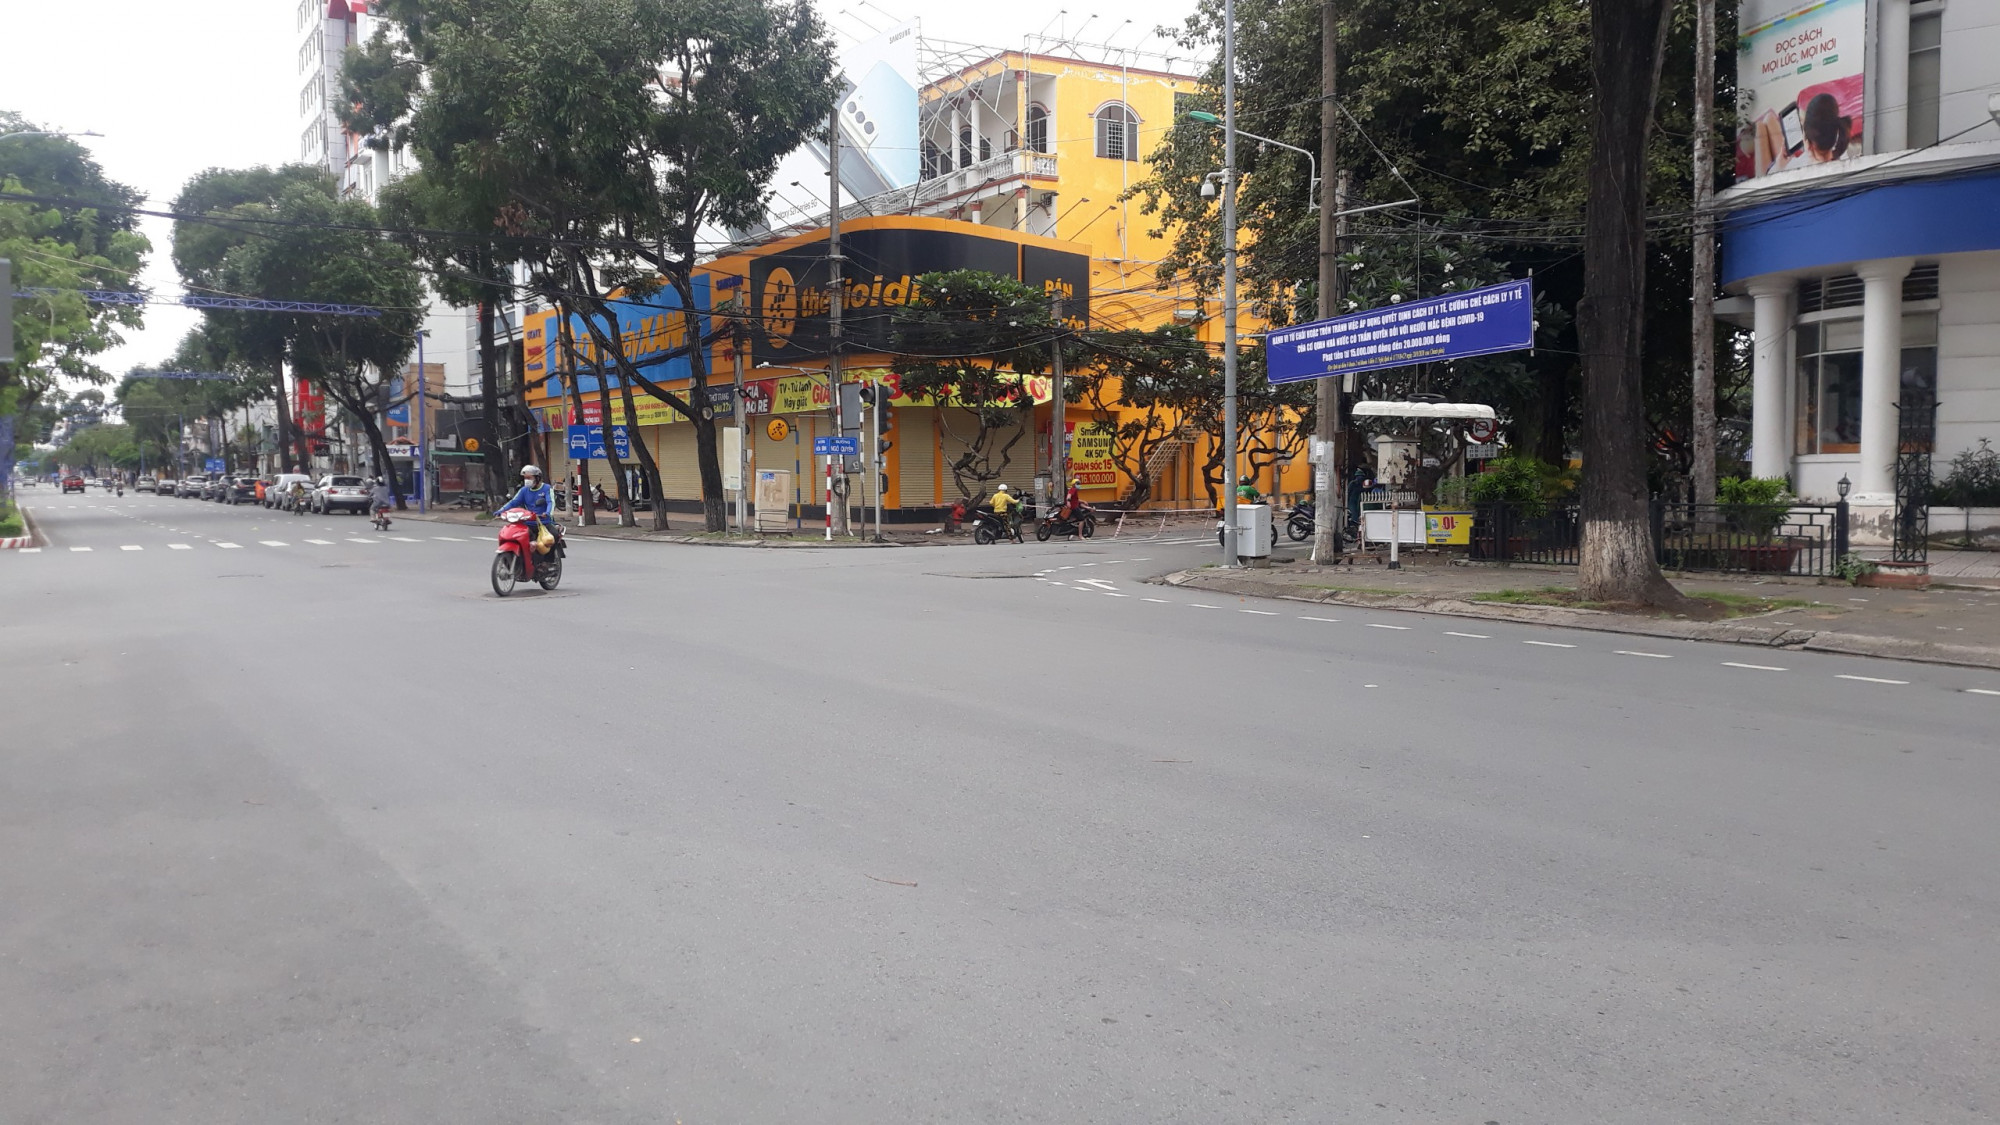 Đường phố trên địa bàn trung tâm Cần Thơ vắng người, xuất hiện nhiều chốt chặn kiểm soát người đi lại